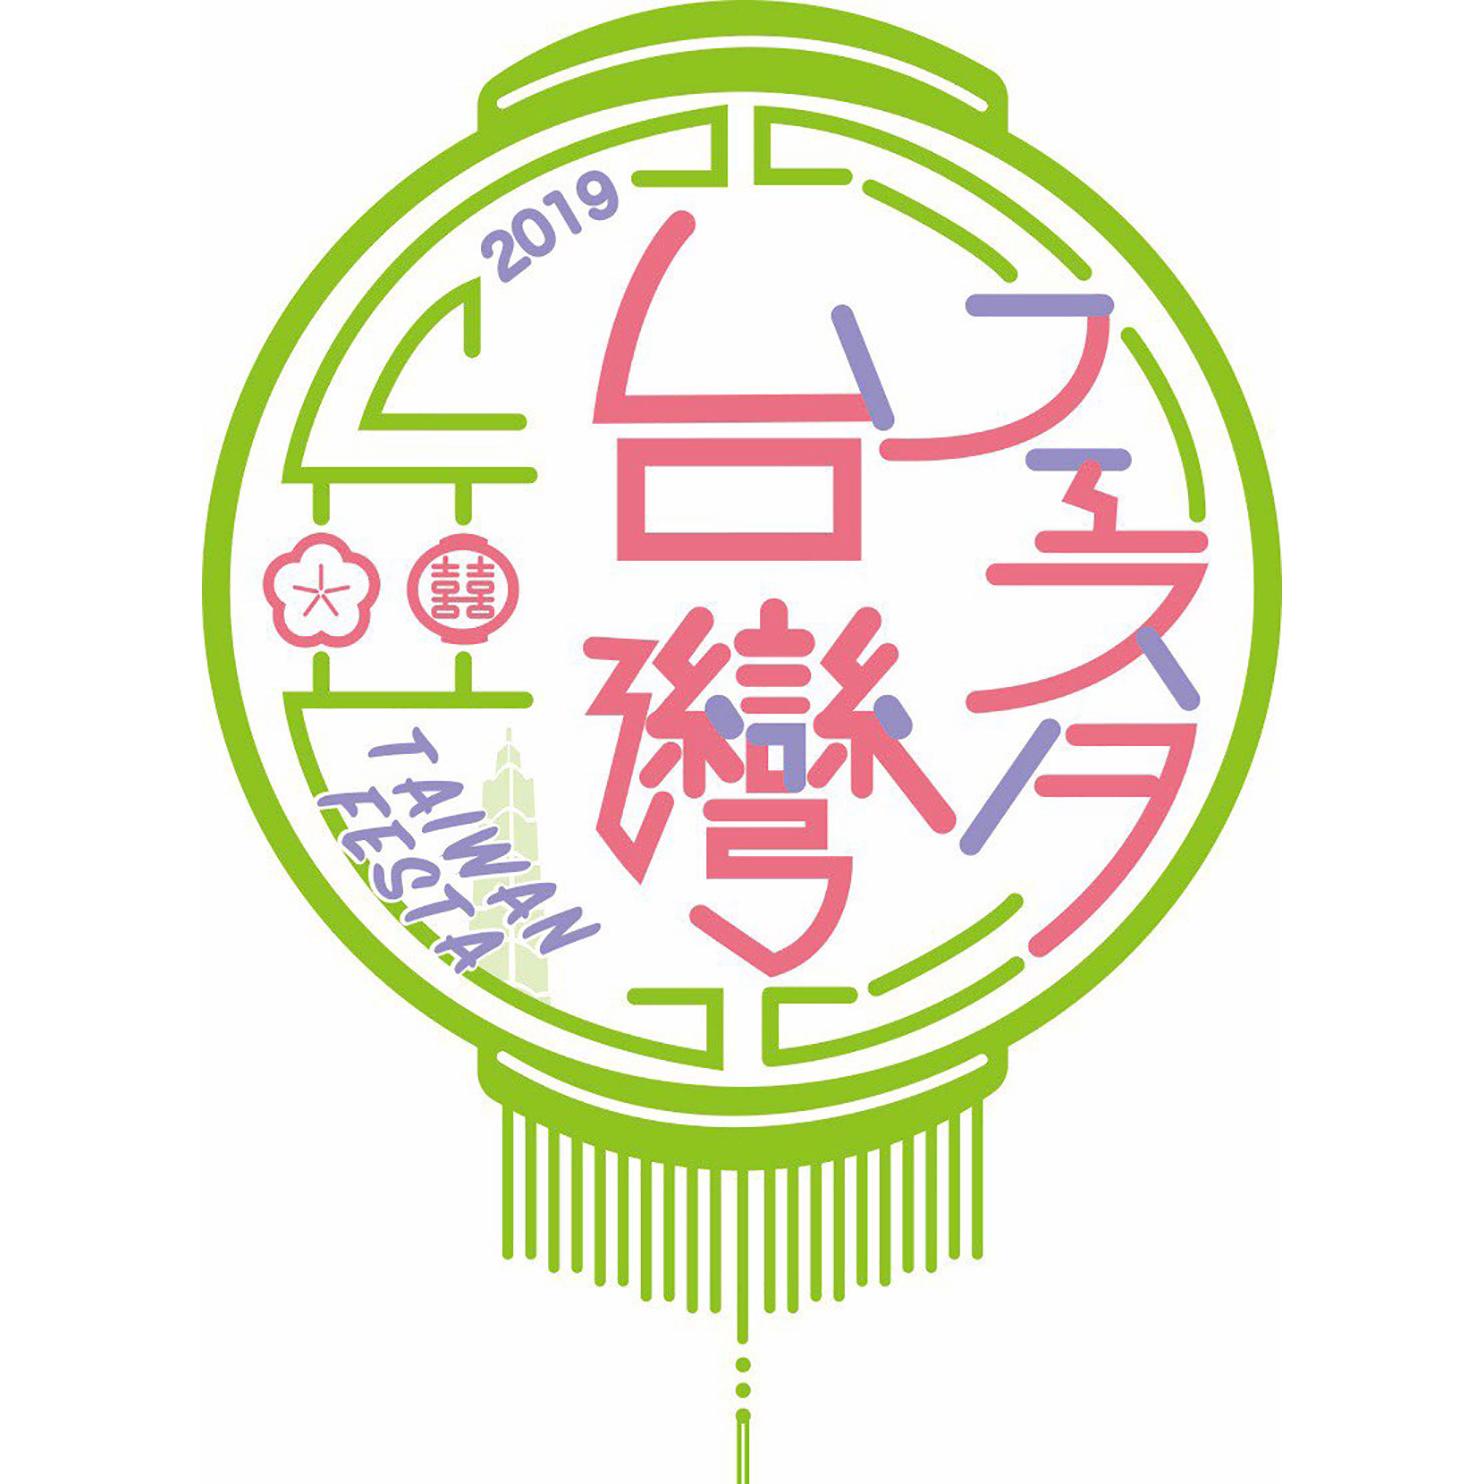 台湾フェスタ2019 ~Day and Night TAIWAN~のロゴ